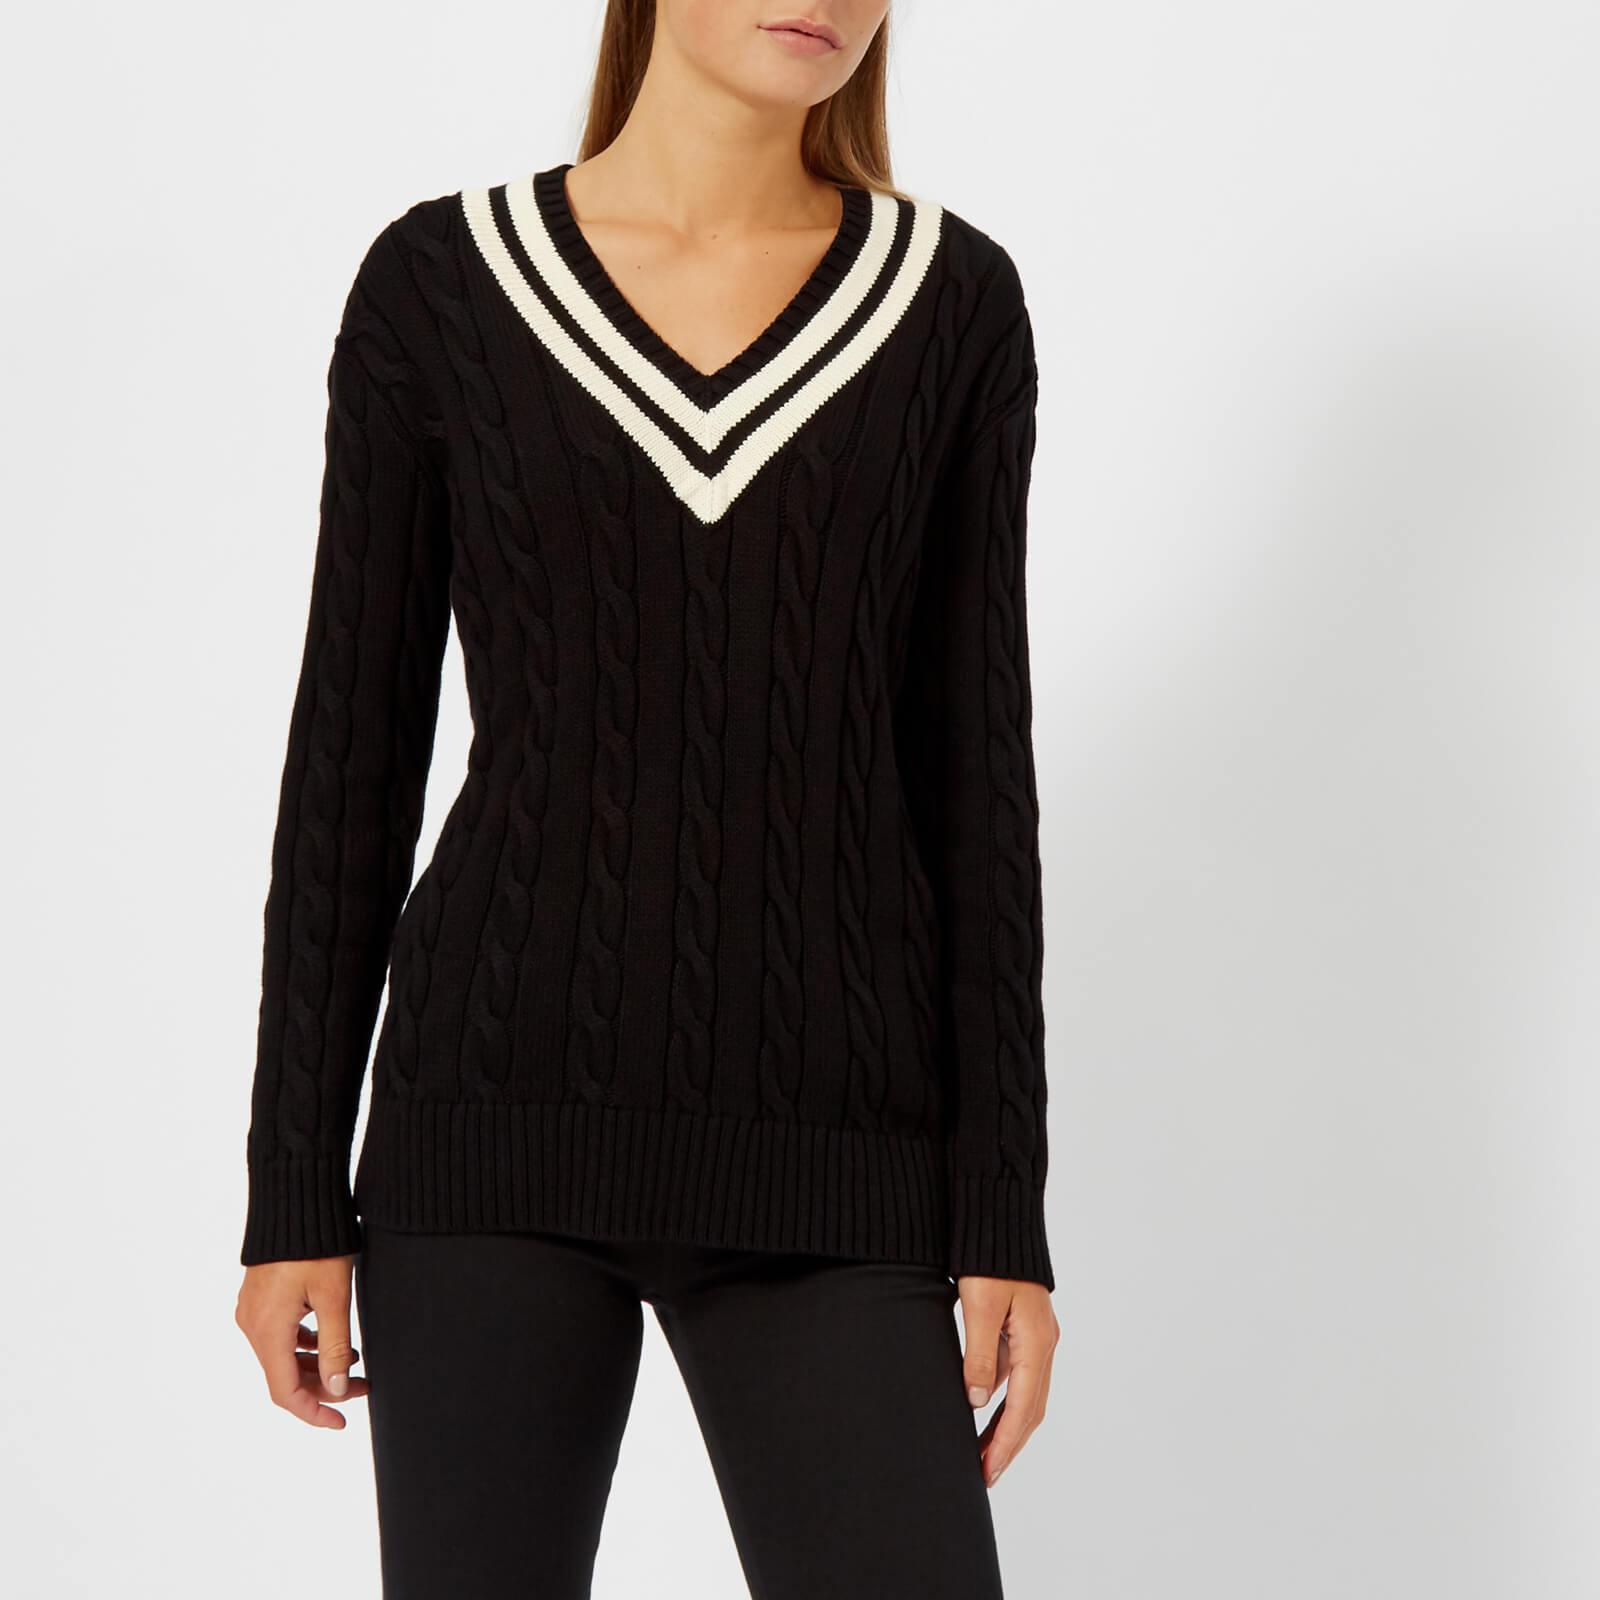 ef9c31174df Polo Ralph Lauren Women s Cricket Long Sleeve Sweatshirt - Black Cream - Free  UK Delivery over £50